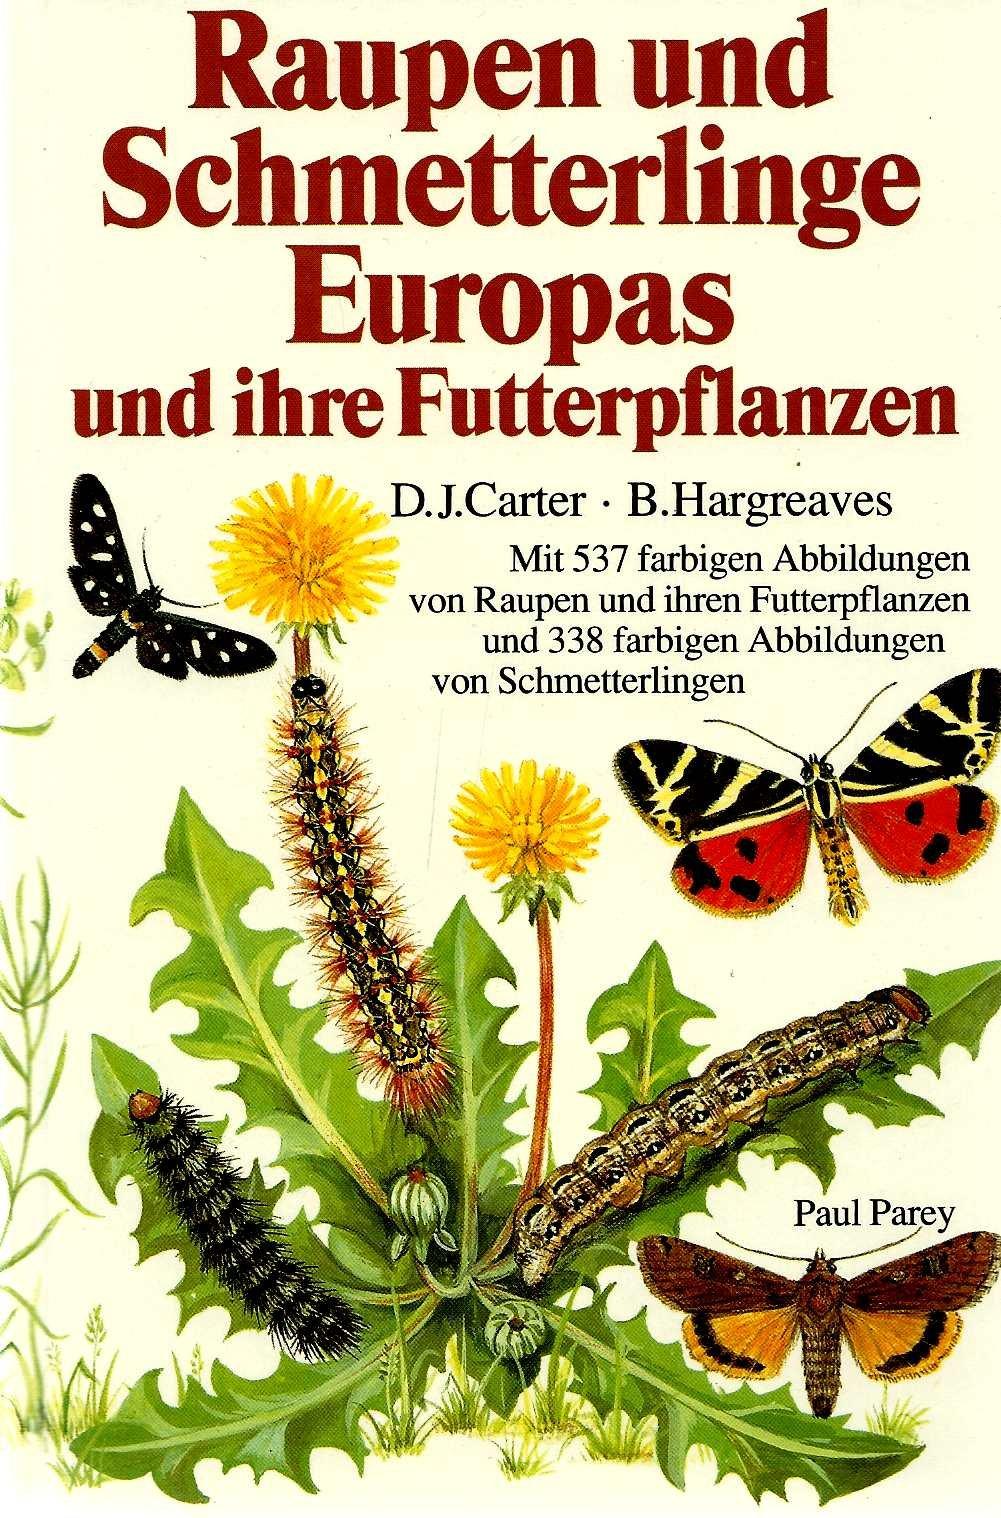 Raupen und Schmetterlinge Europas und ihre Futterpflanzen